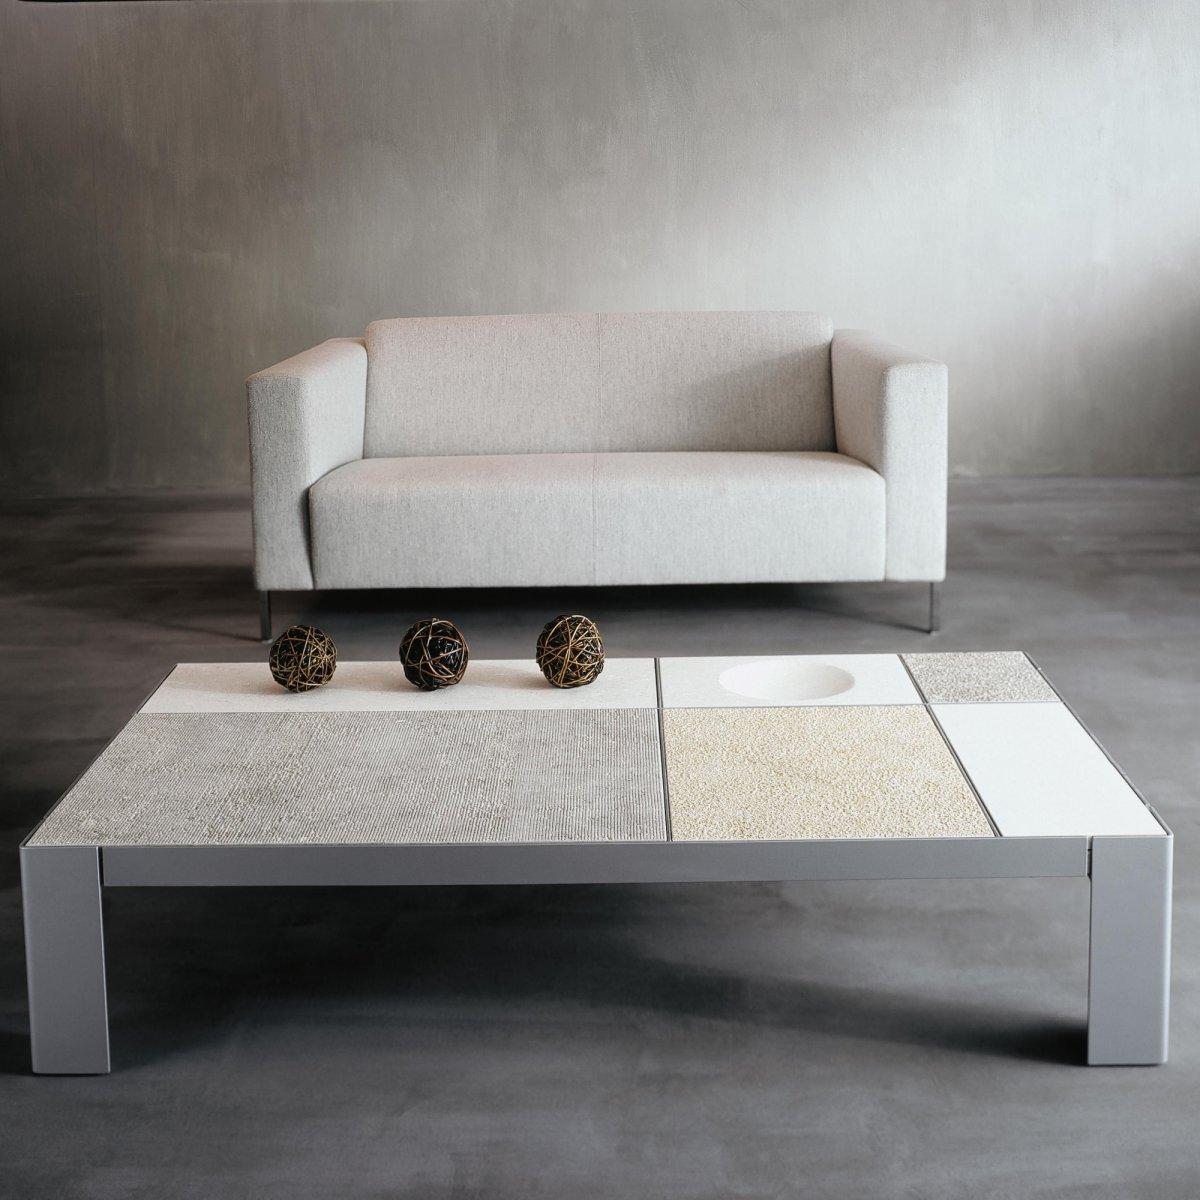 Tavolini Hi Fi : Ldm laboratorio del marmo domino rettangolare